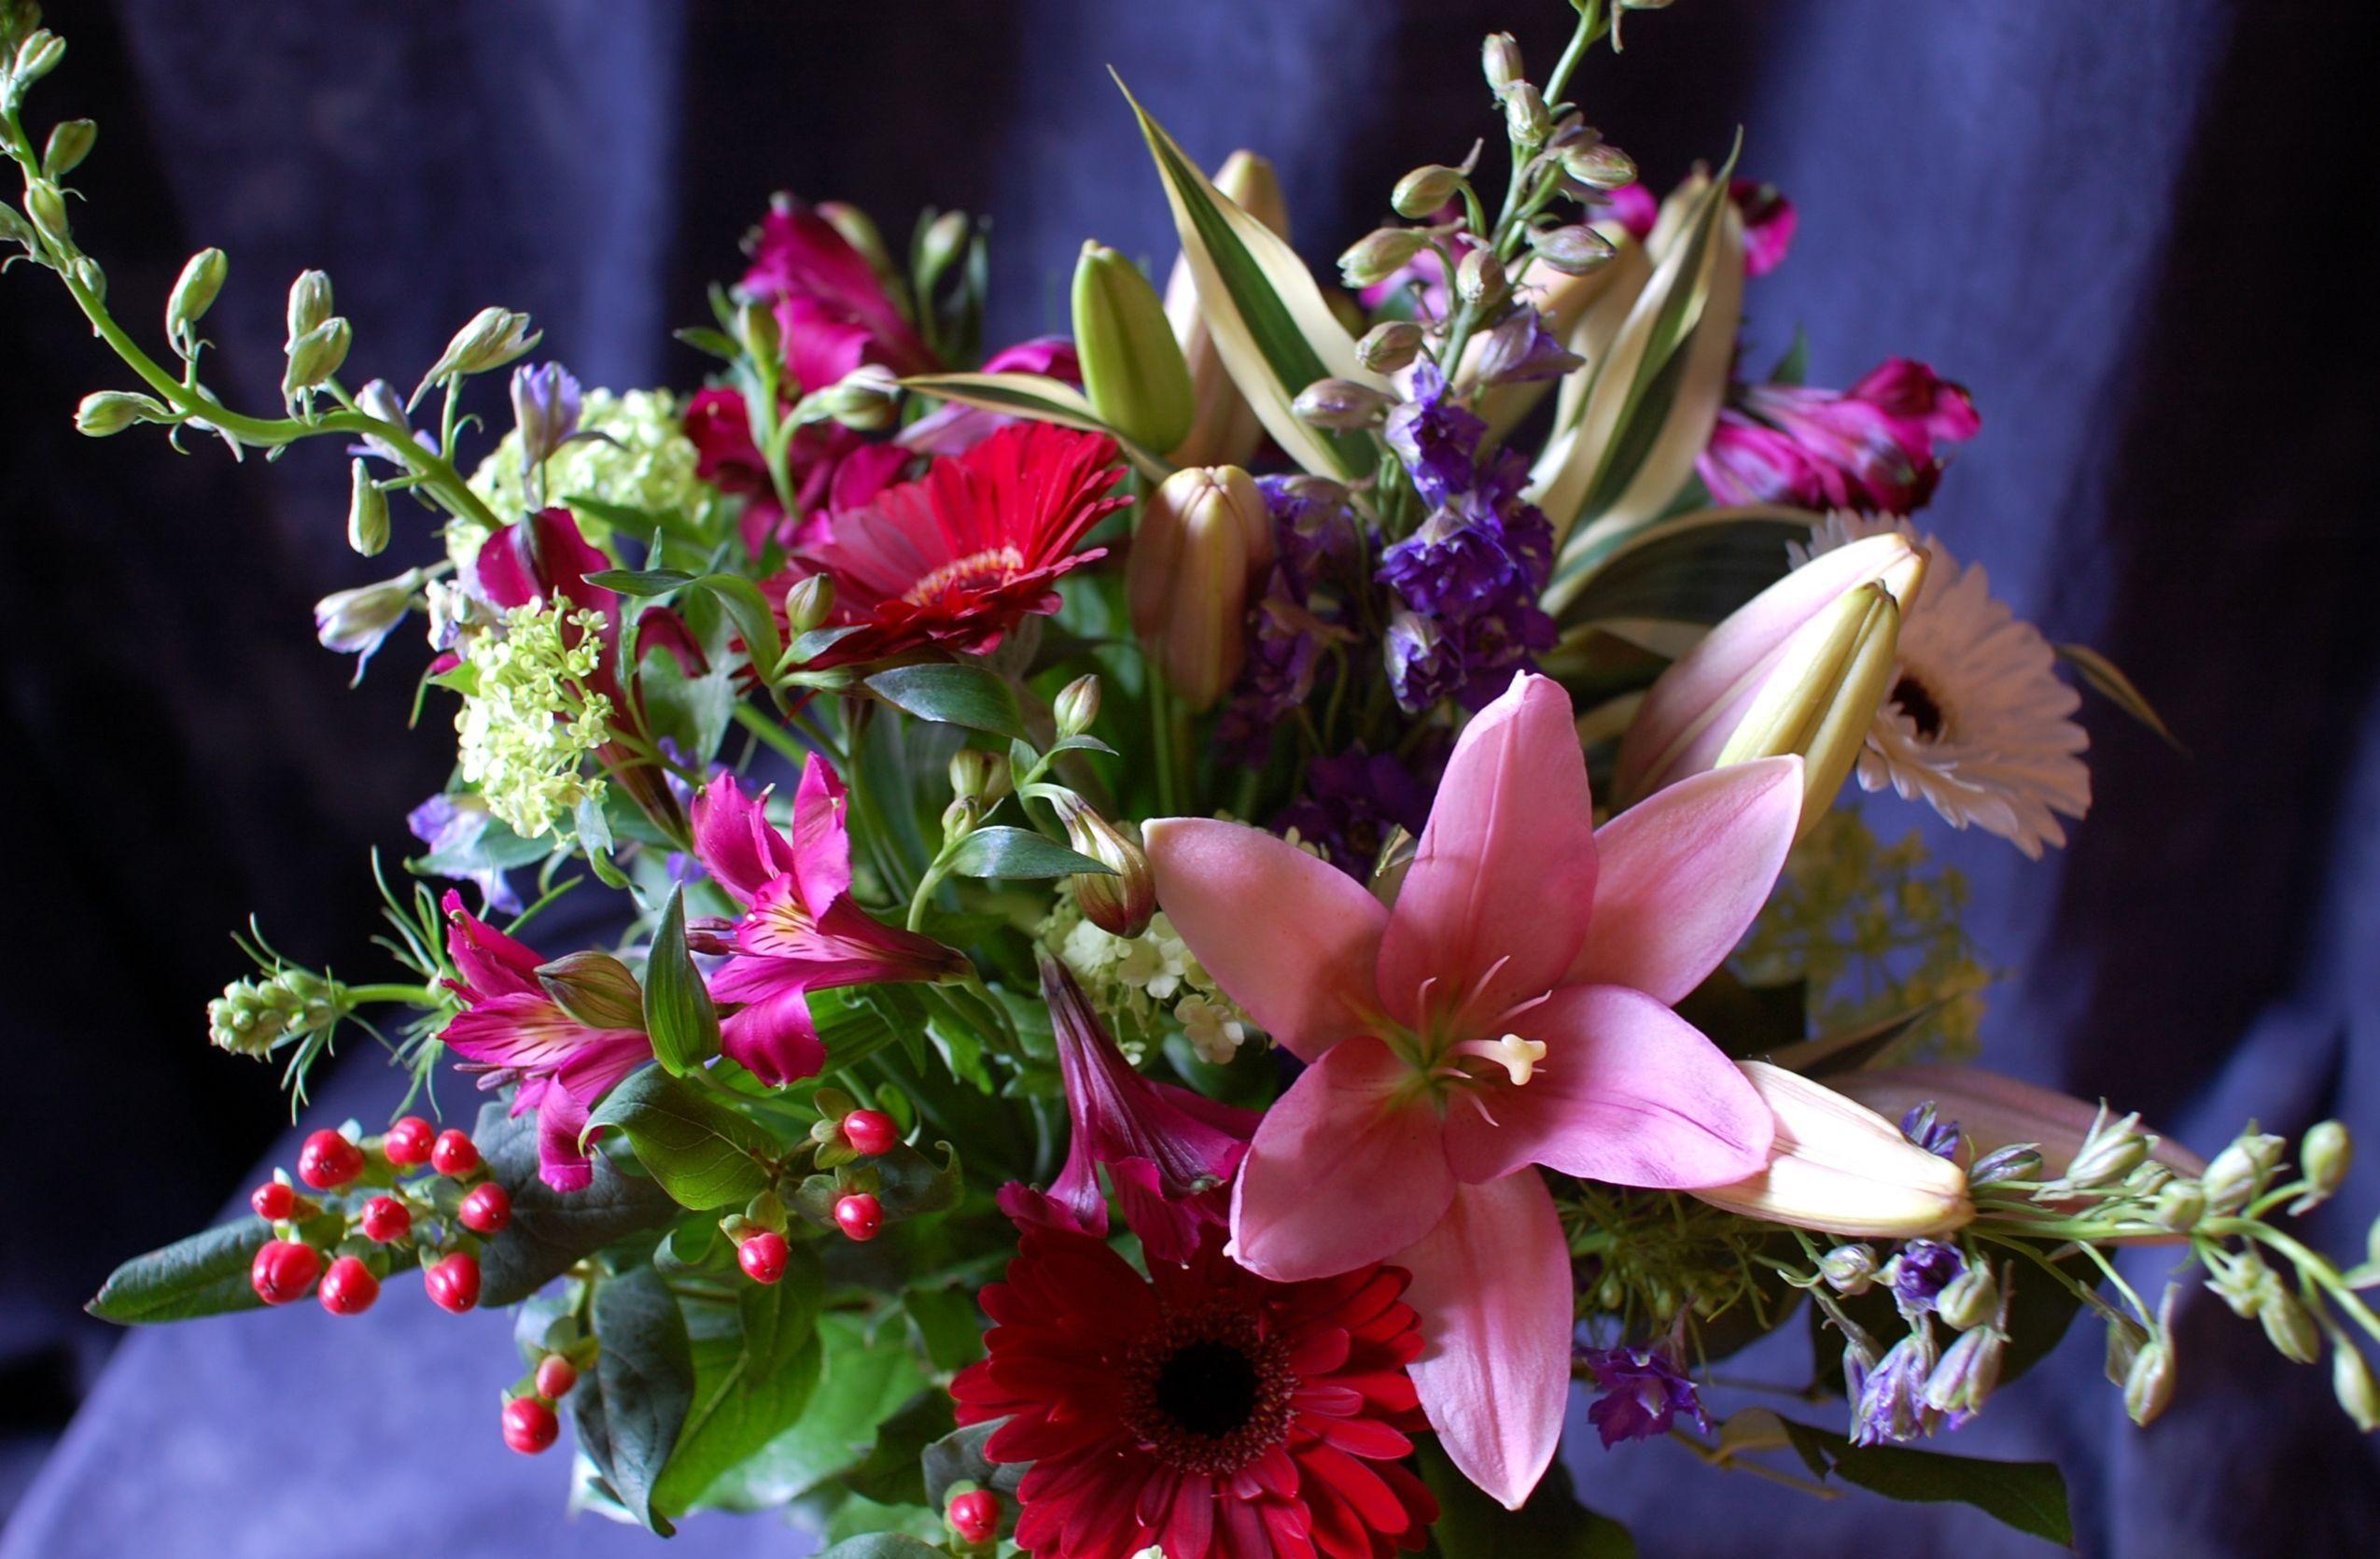 меня супер красивые картинки с цветами просто все